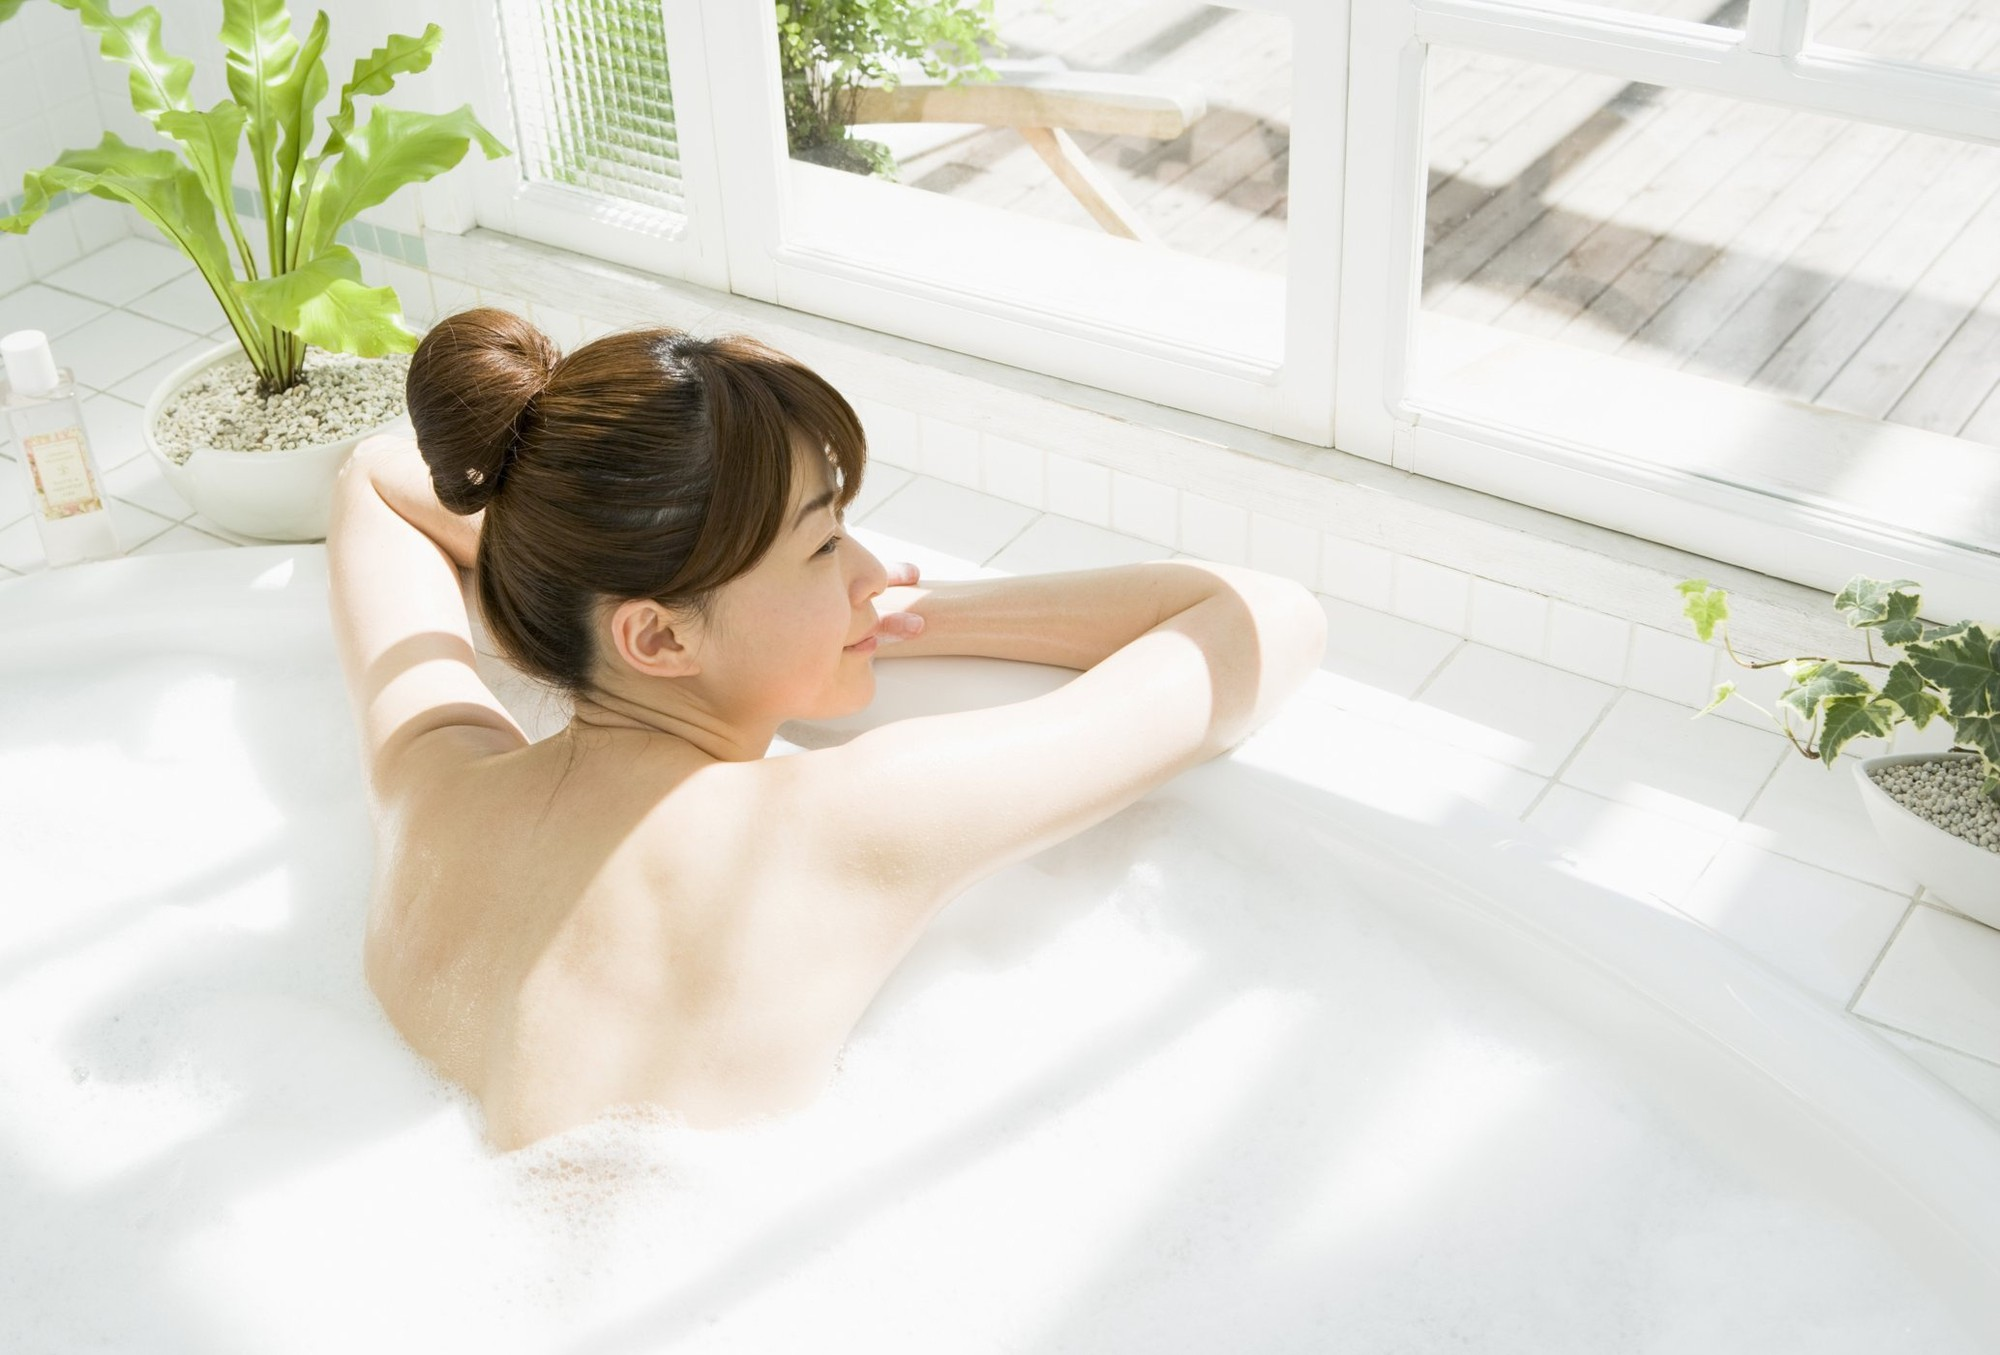 Muốn da luôn mịn màng, căng bóng trong những ngày lạnh thì nên tuân thủ 7 nguyên tắc sau - Ảnh 3.